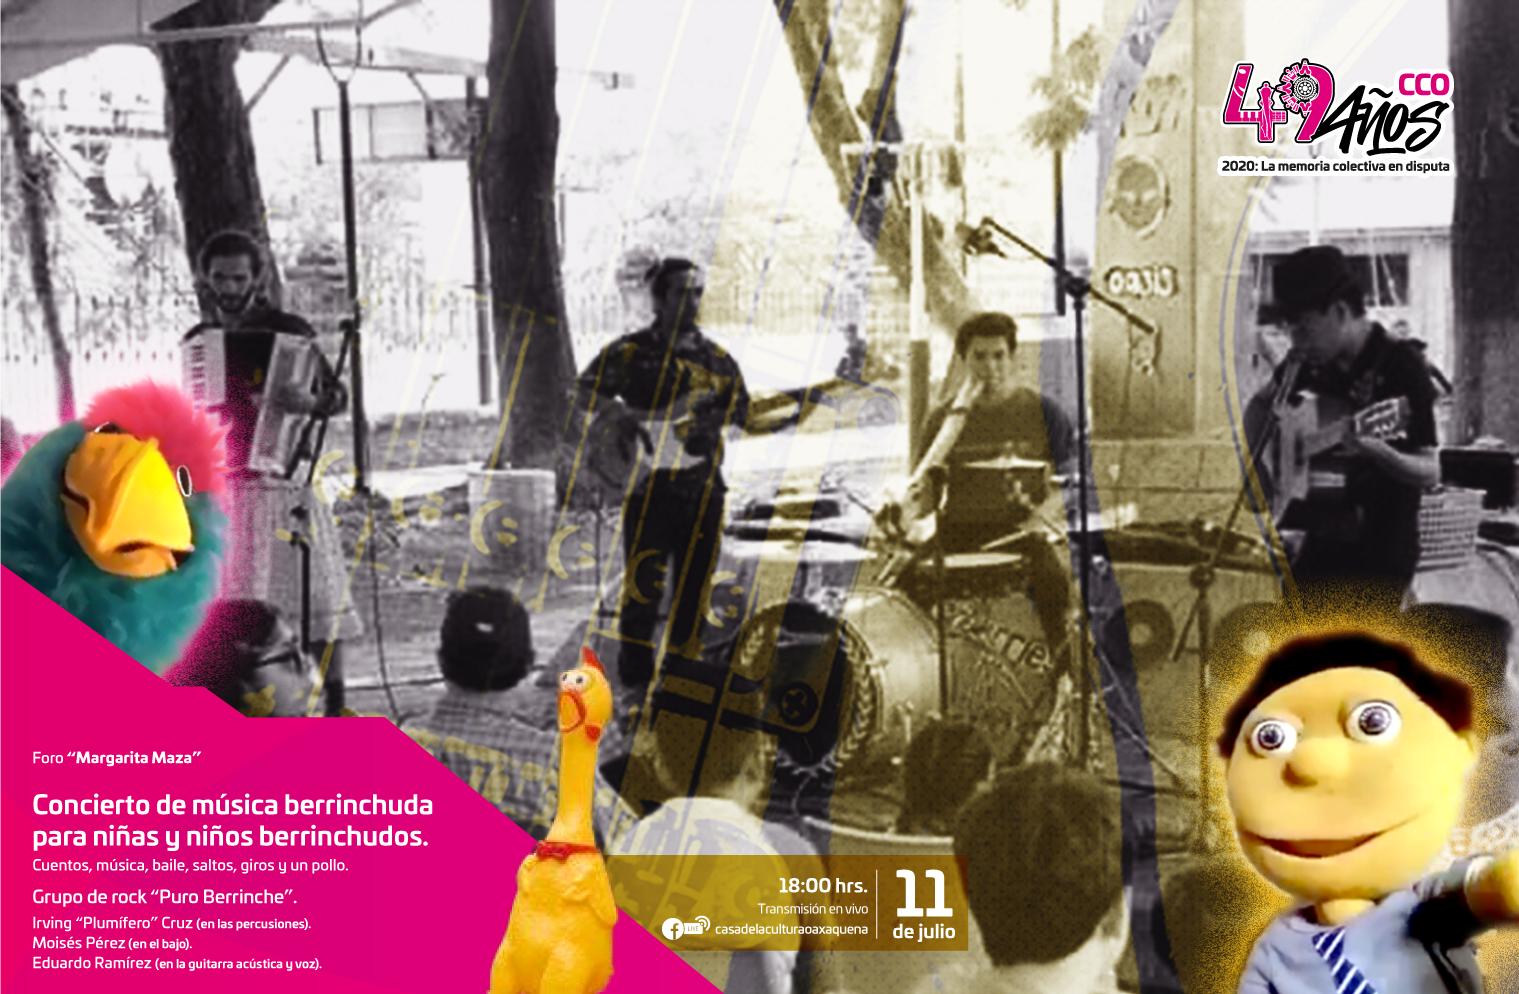 Cerrarán aniversario de la CCO con música para niñas y niños berrinchudos